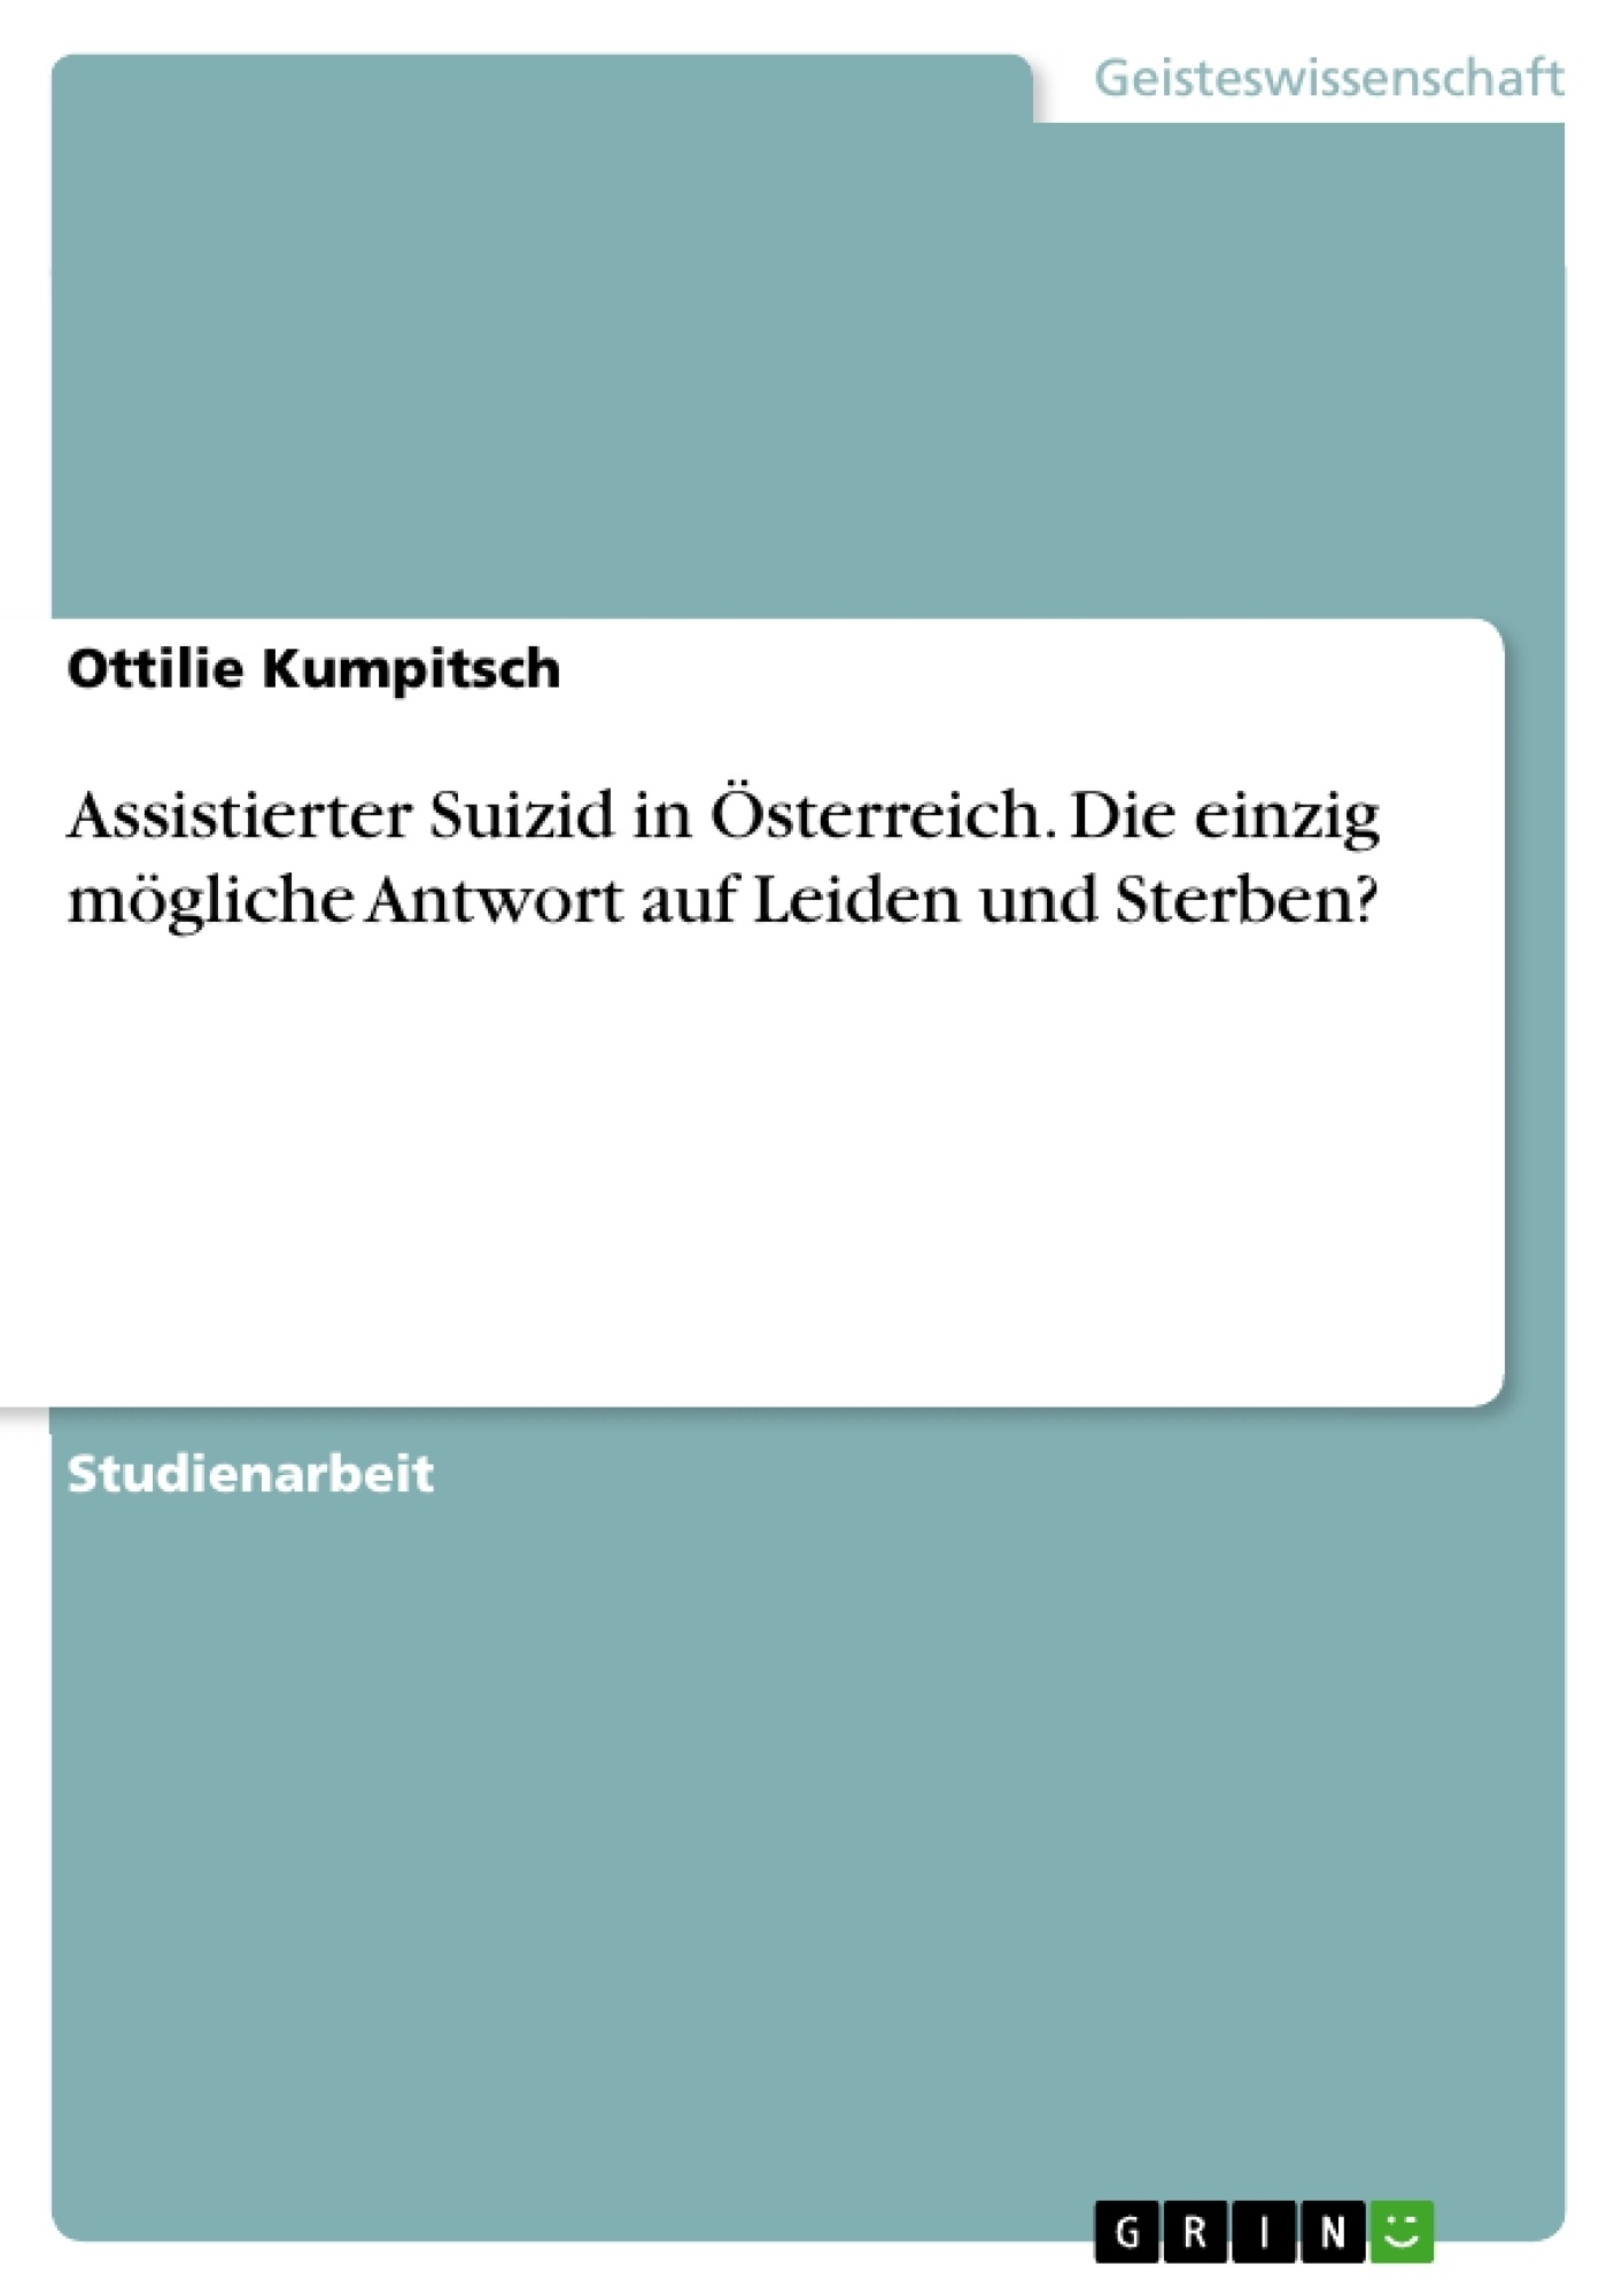 Titel: Assistierter Suizid in Österreich. Die einzig mögliche Antwort auf Leiden und Sterben?